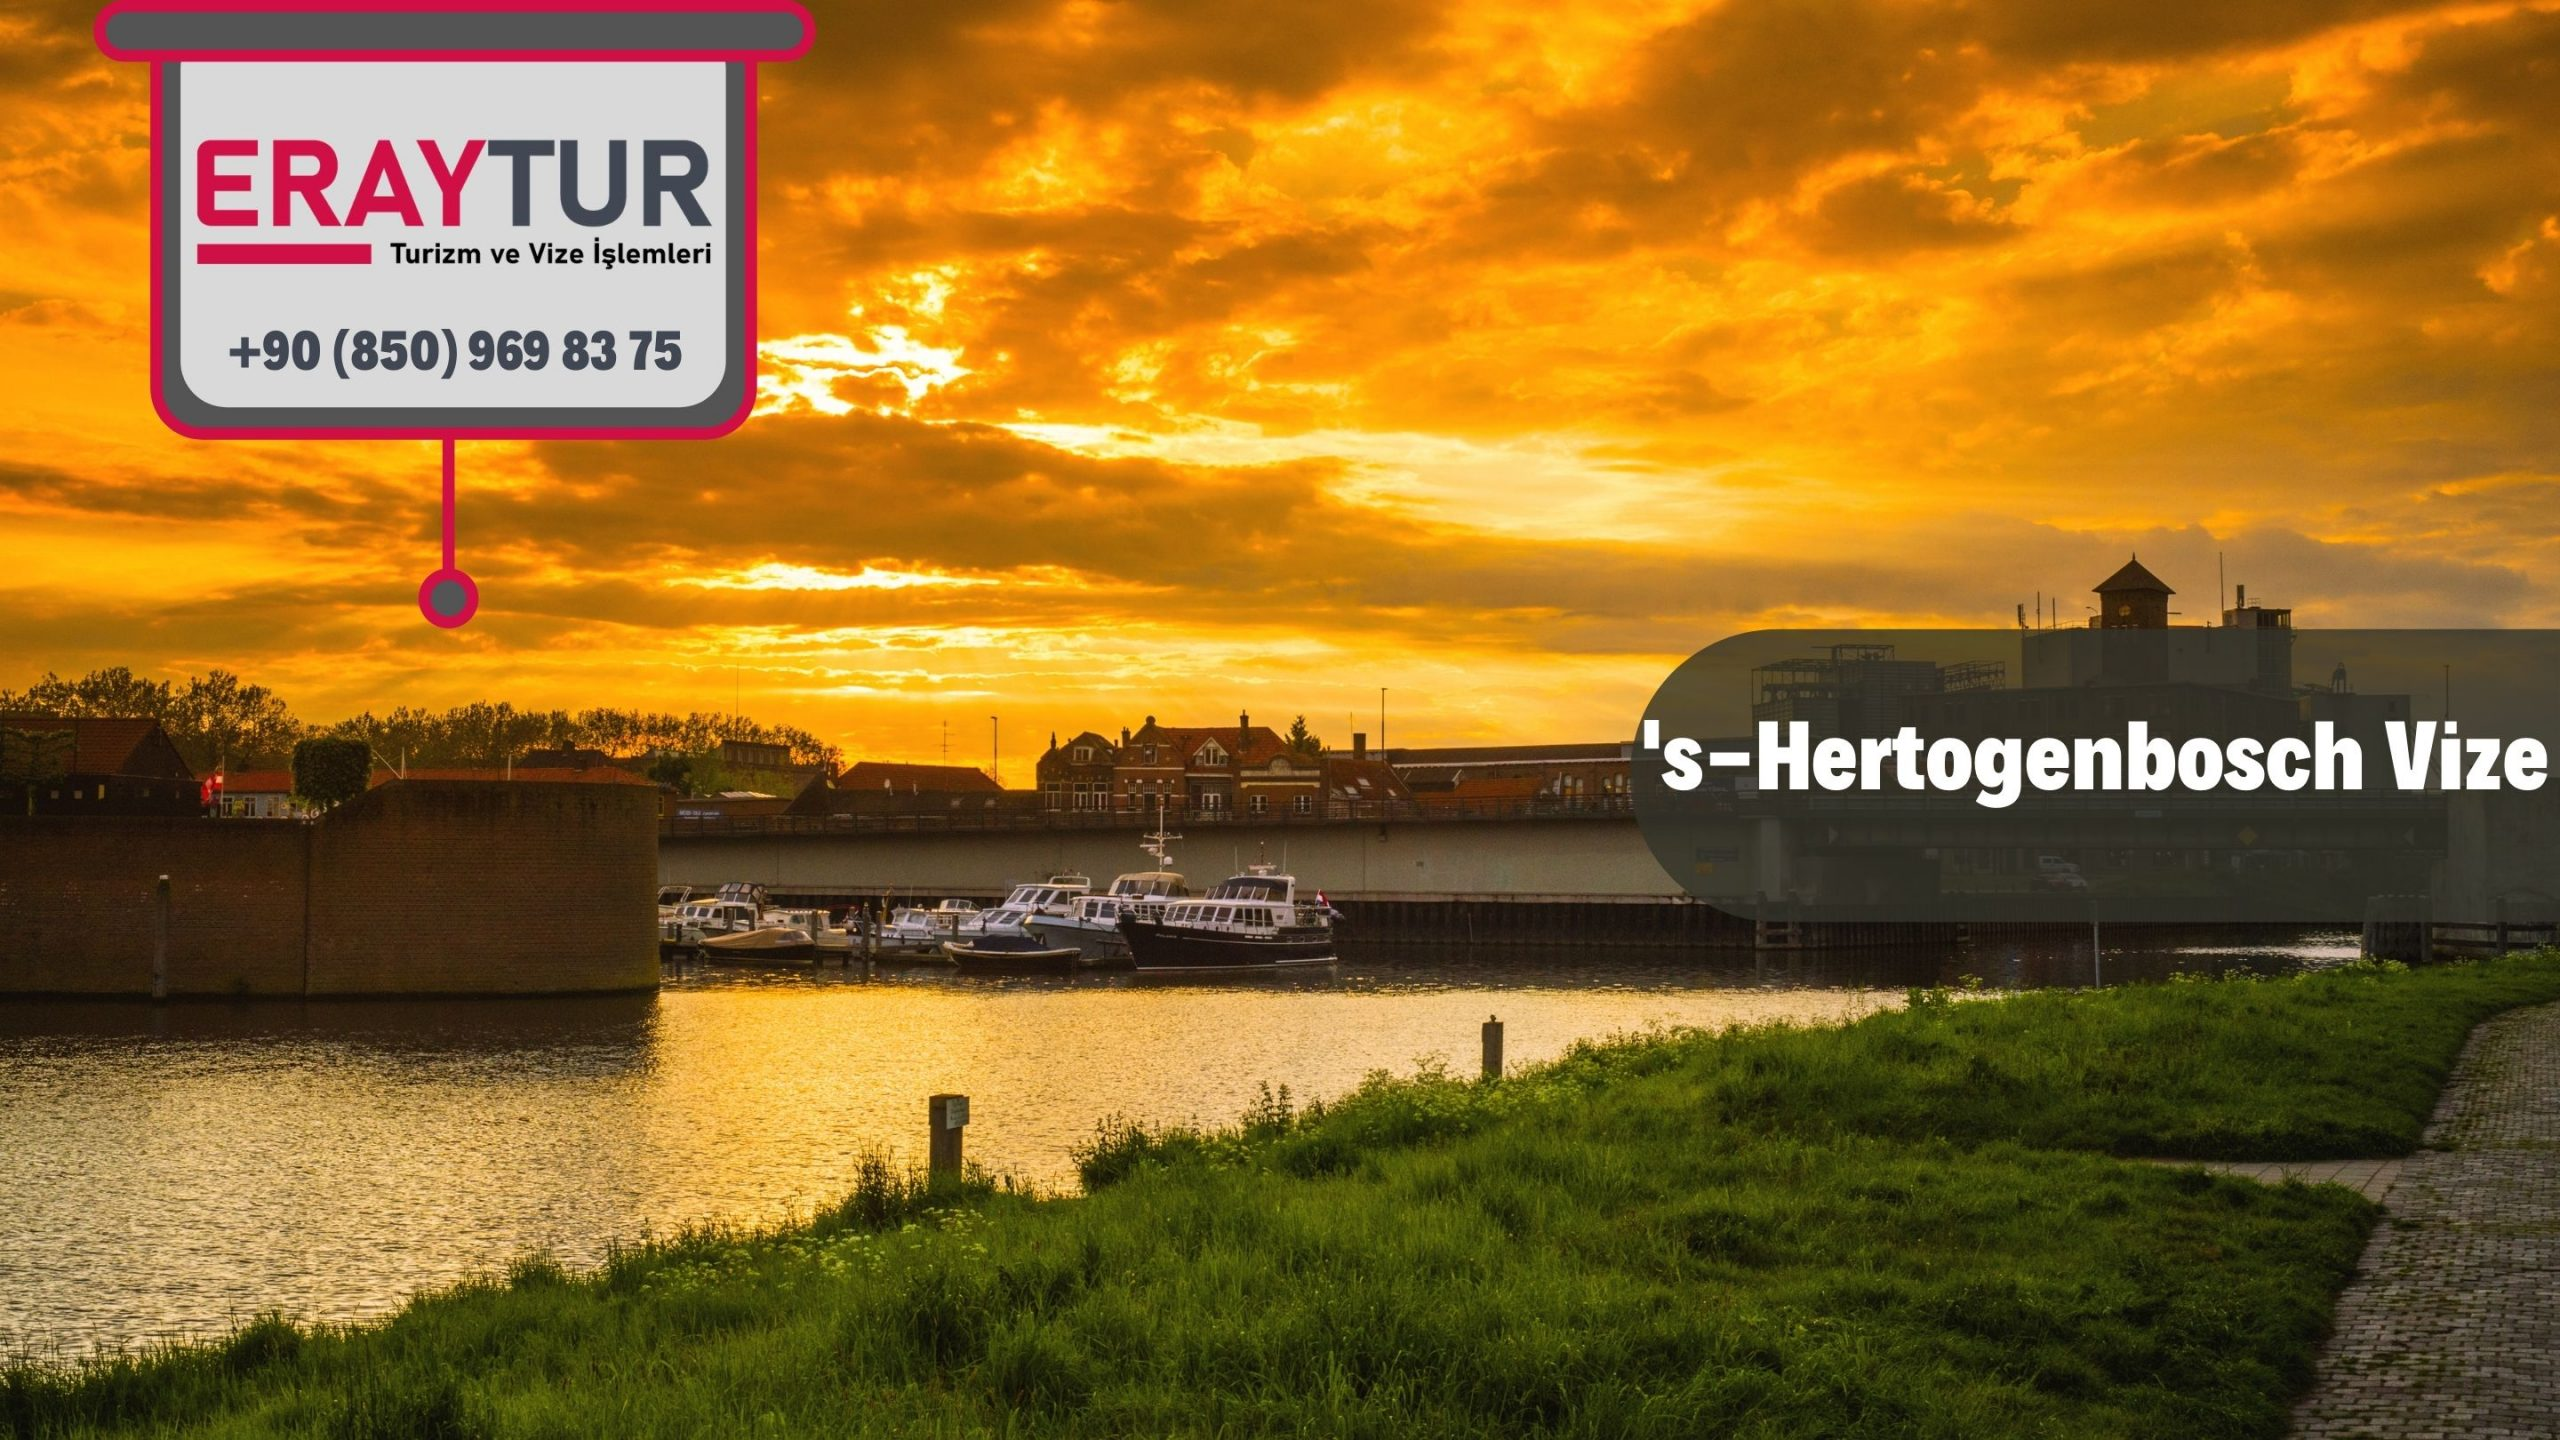 Hollanda 's-Hertogenbosch Vize Başvurusu